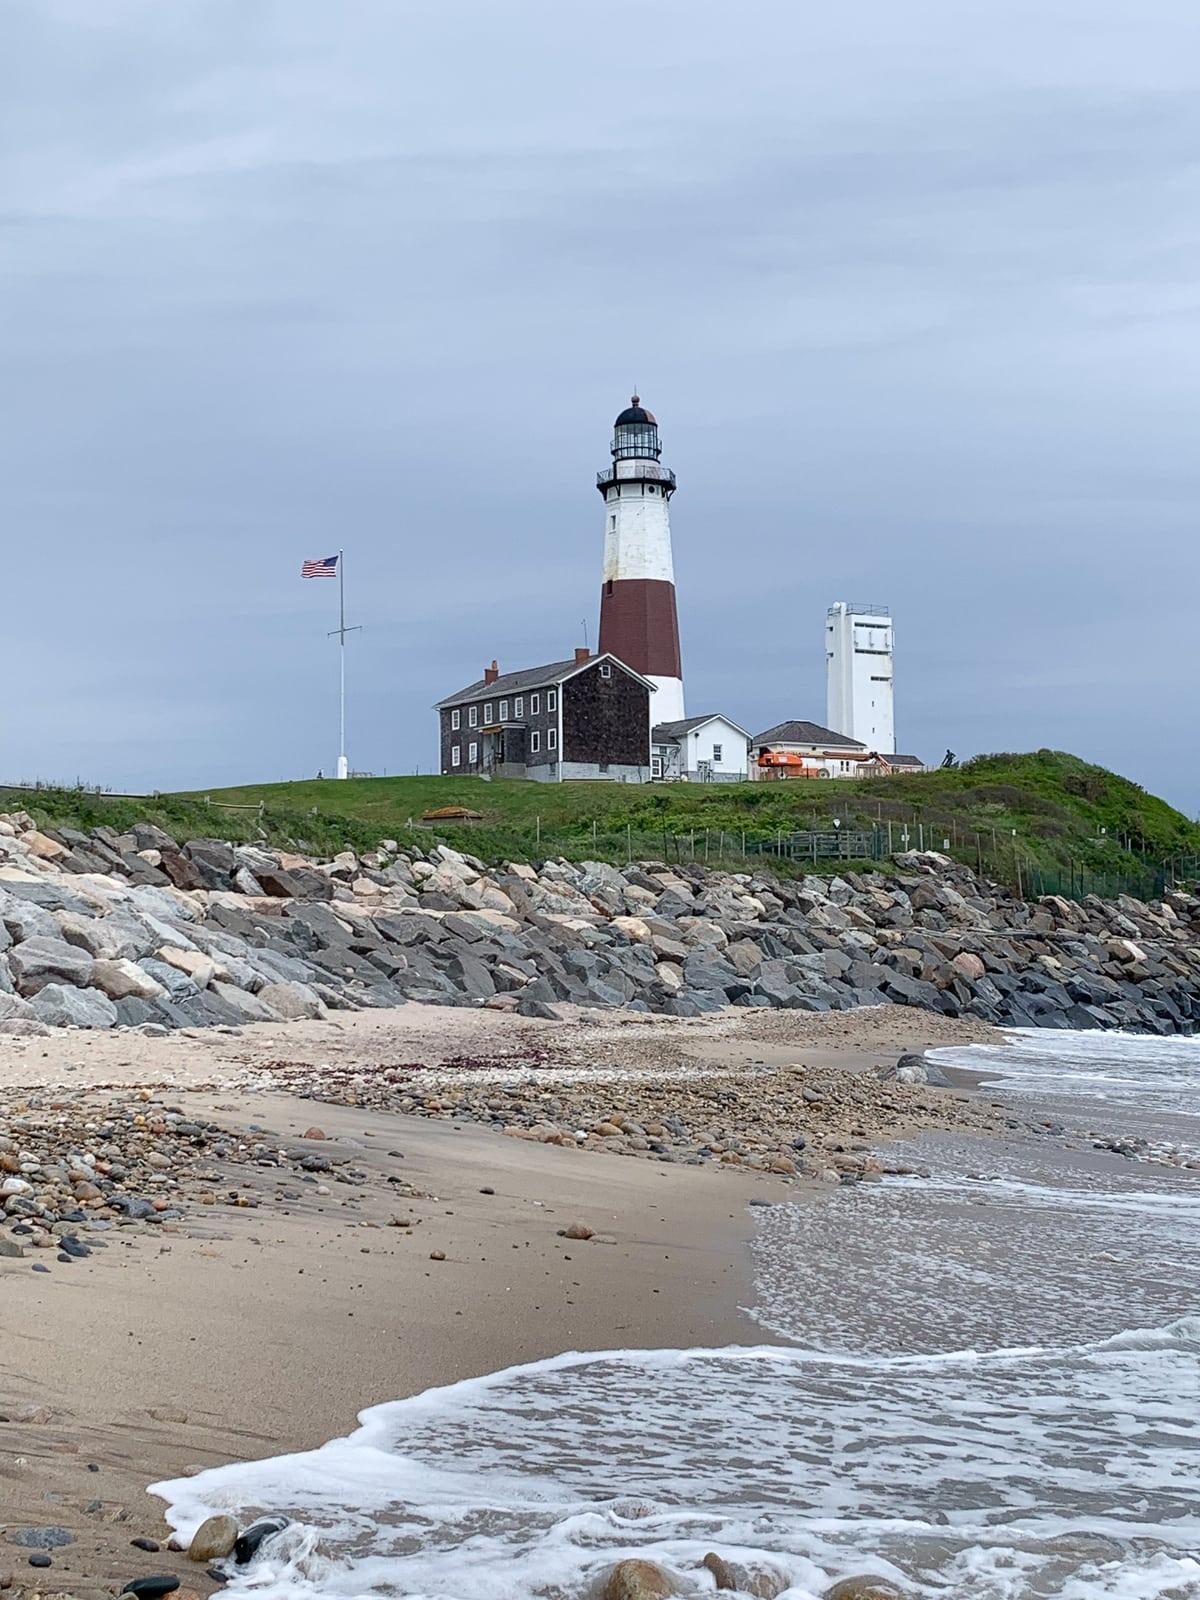 Montauk Lighthouse as seen from beach